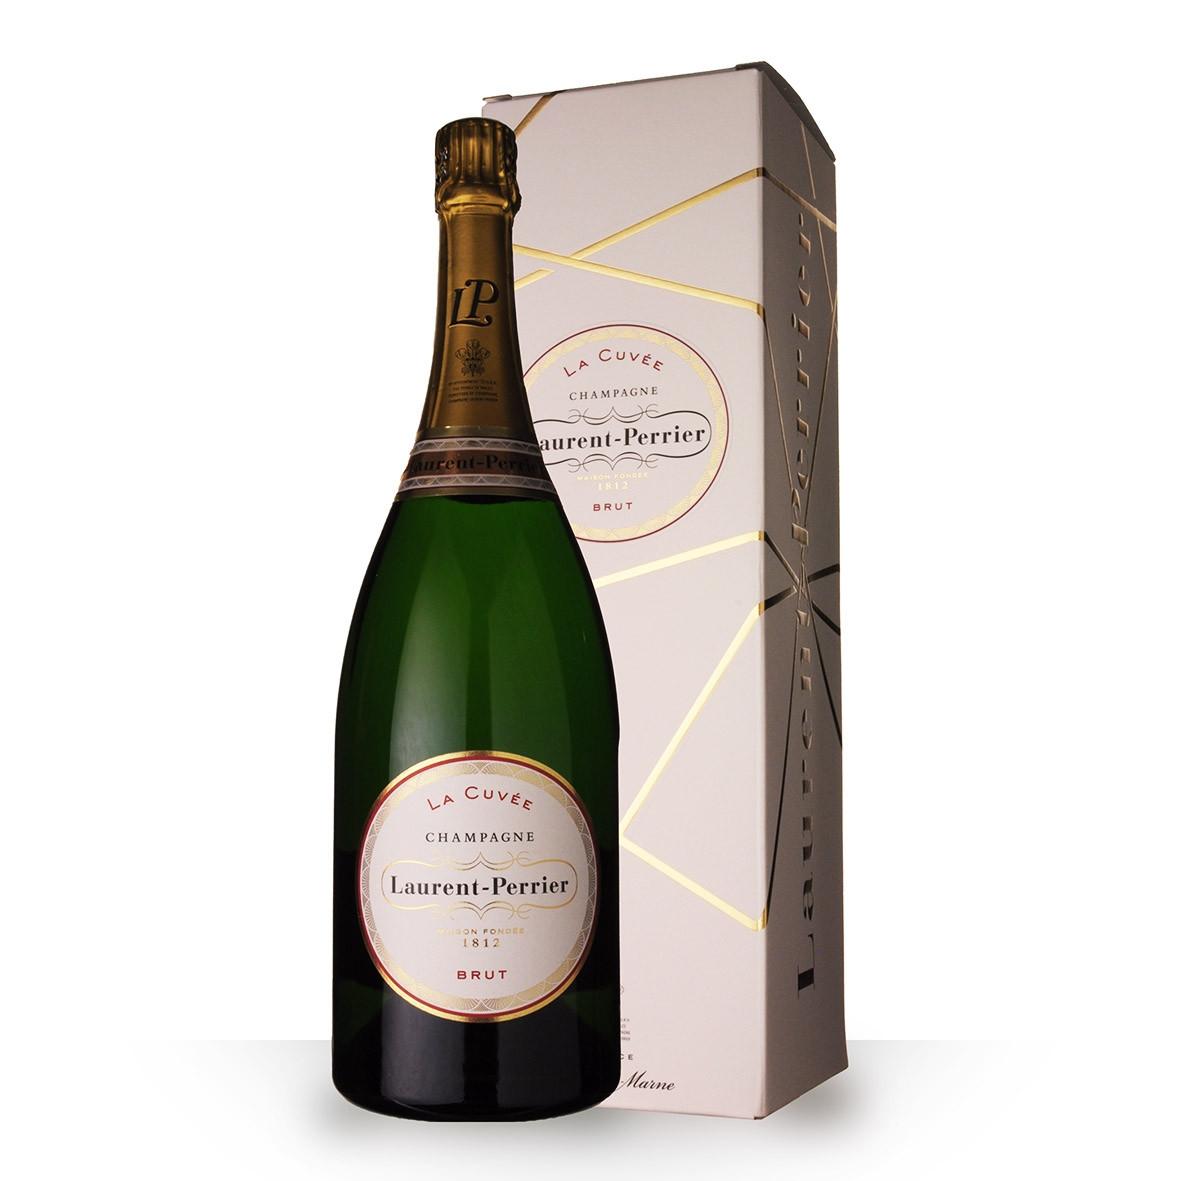 Champagne Laurent-Perrier La Cuvée 150cl Etui www.odyssee-vins.com